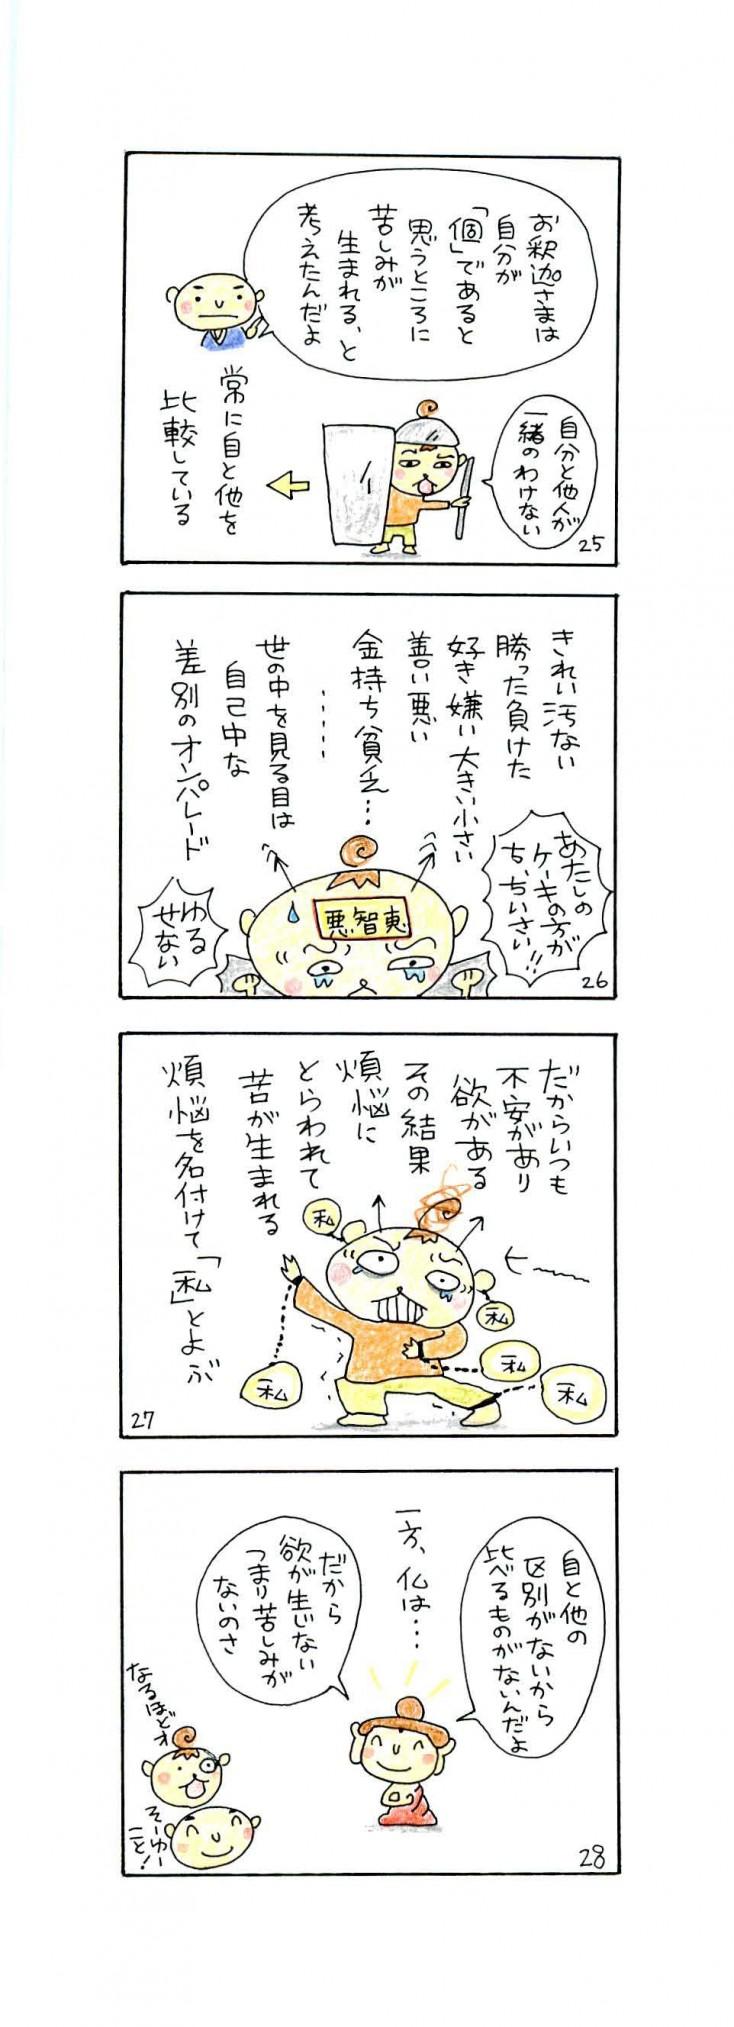 20141128175925_ページ_7